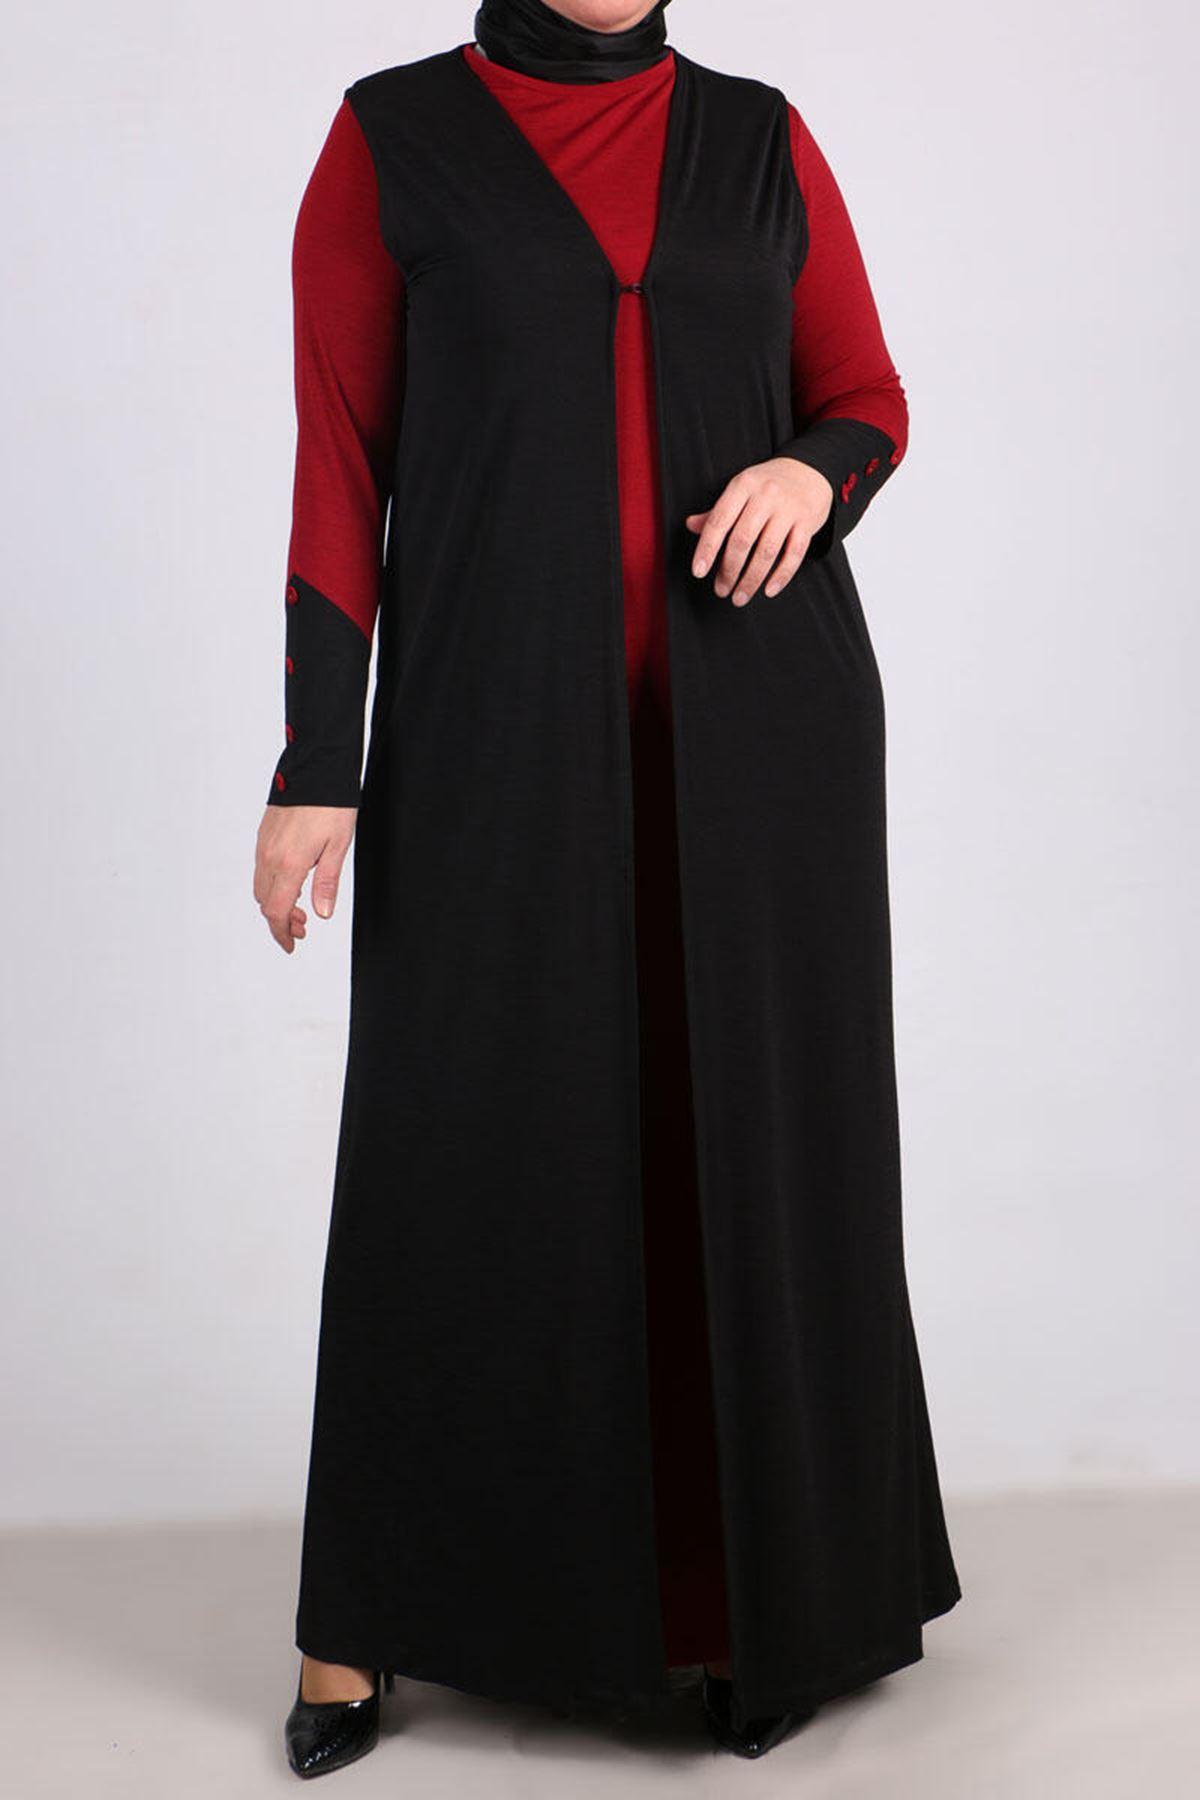 7212 Plus Size Vest - Dress Binary Suit - Claret Red